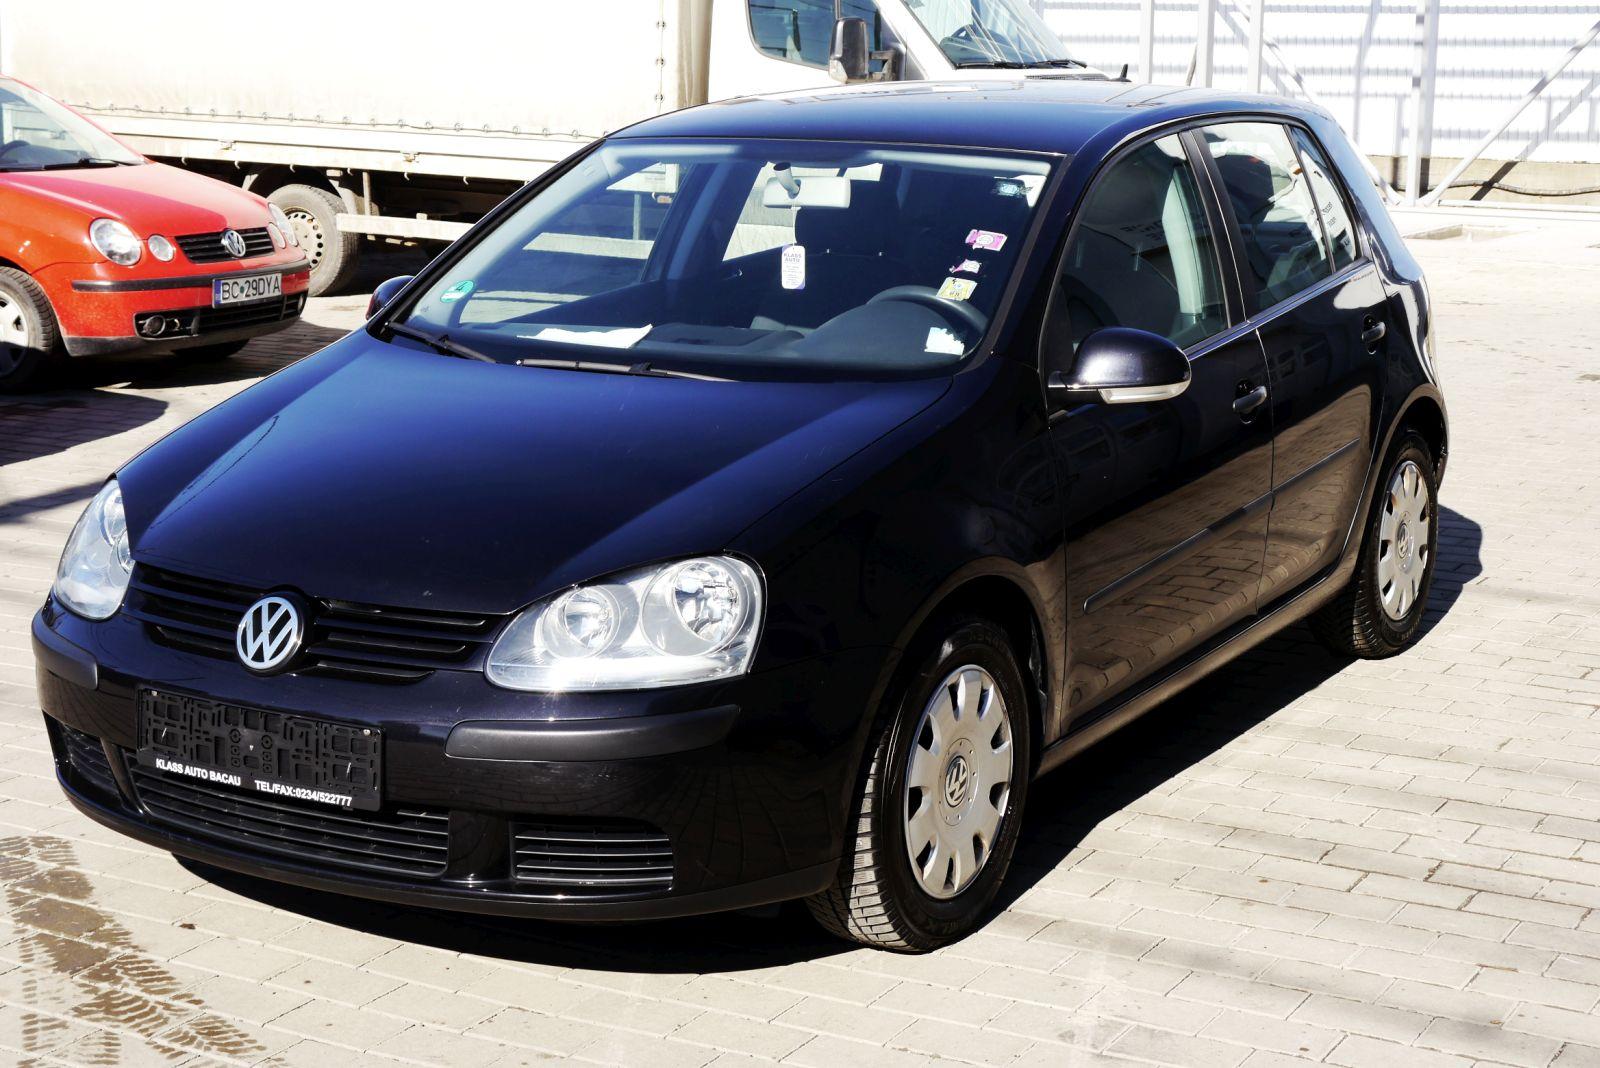 Volkswagen Golf V 1 9 Tdi Trendline Euro 4 Climatronic